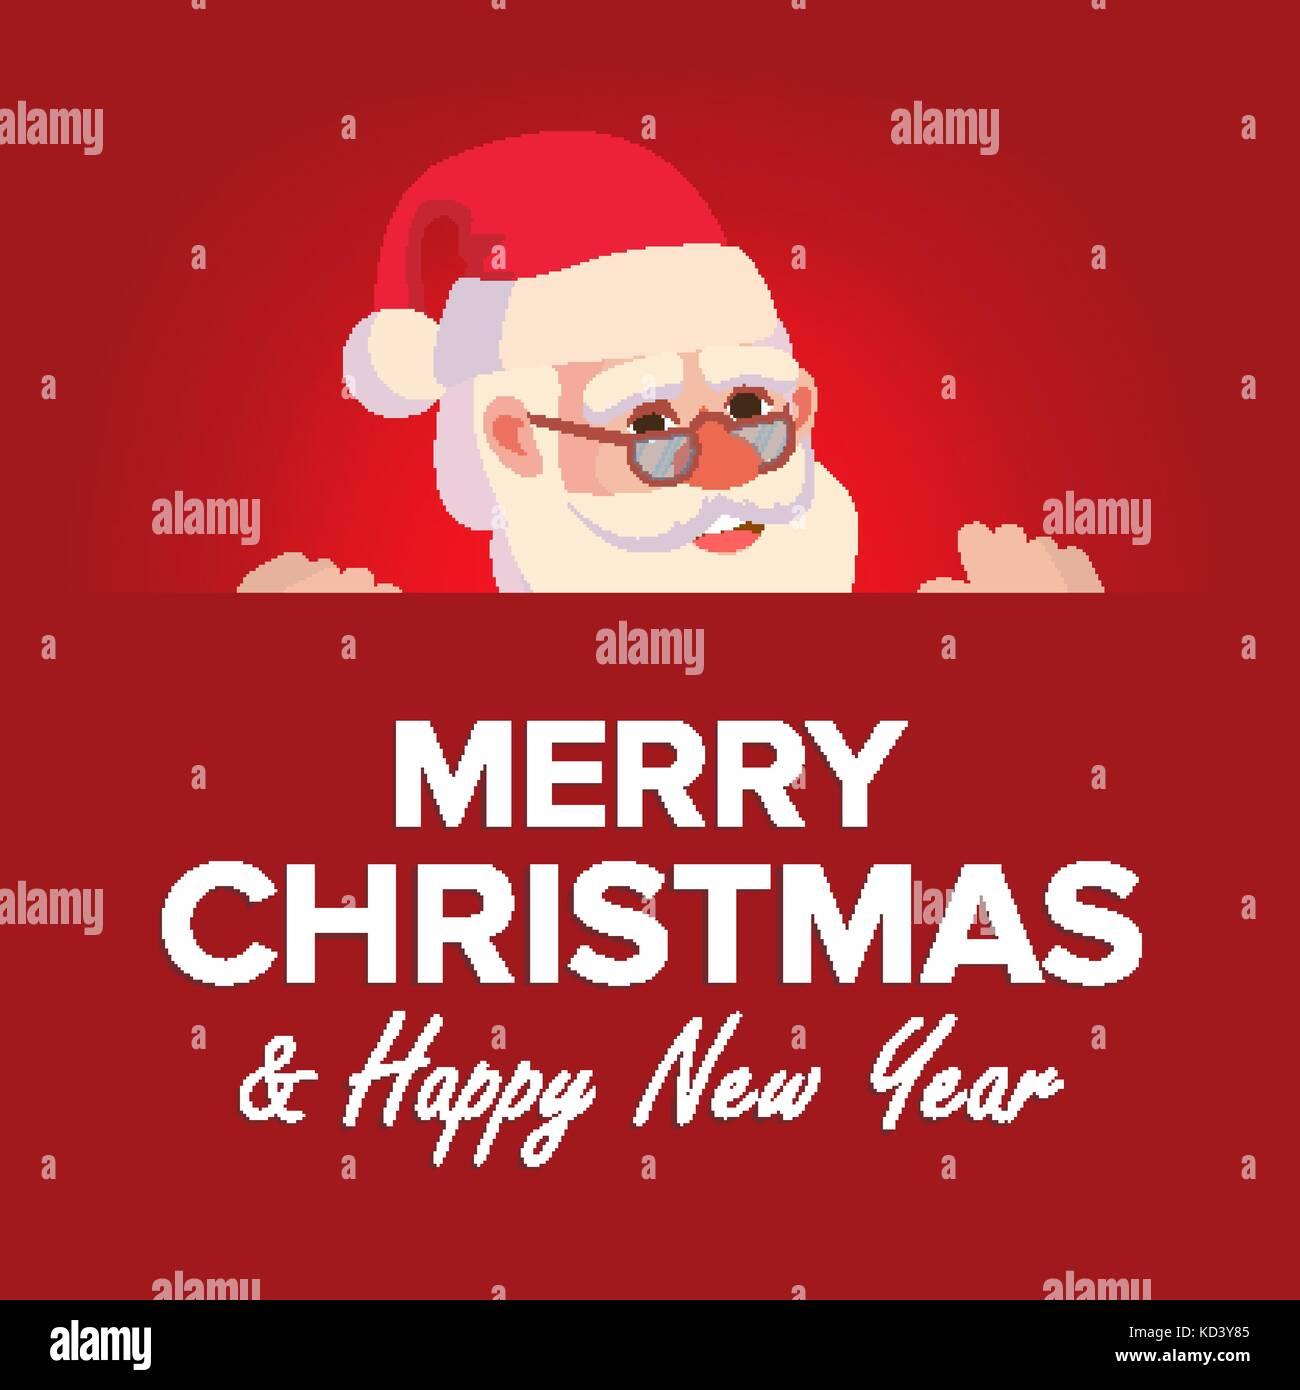 Ho Ho Ho Christmas Card Stock Photos & Ho Ho Ho Christmas Card Stock ...